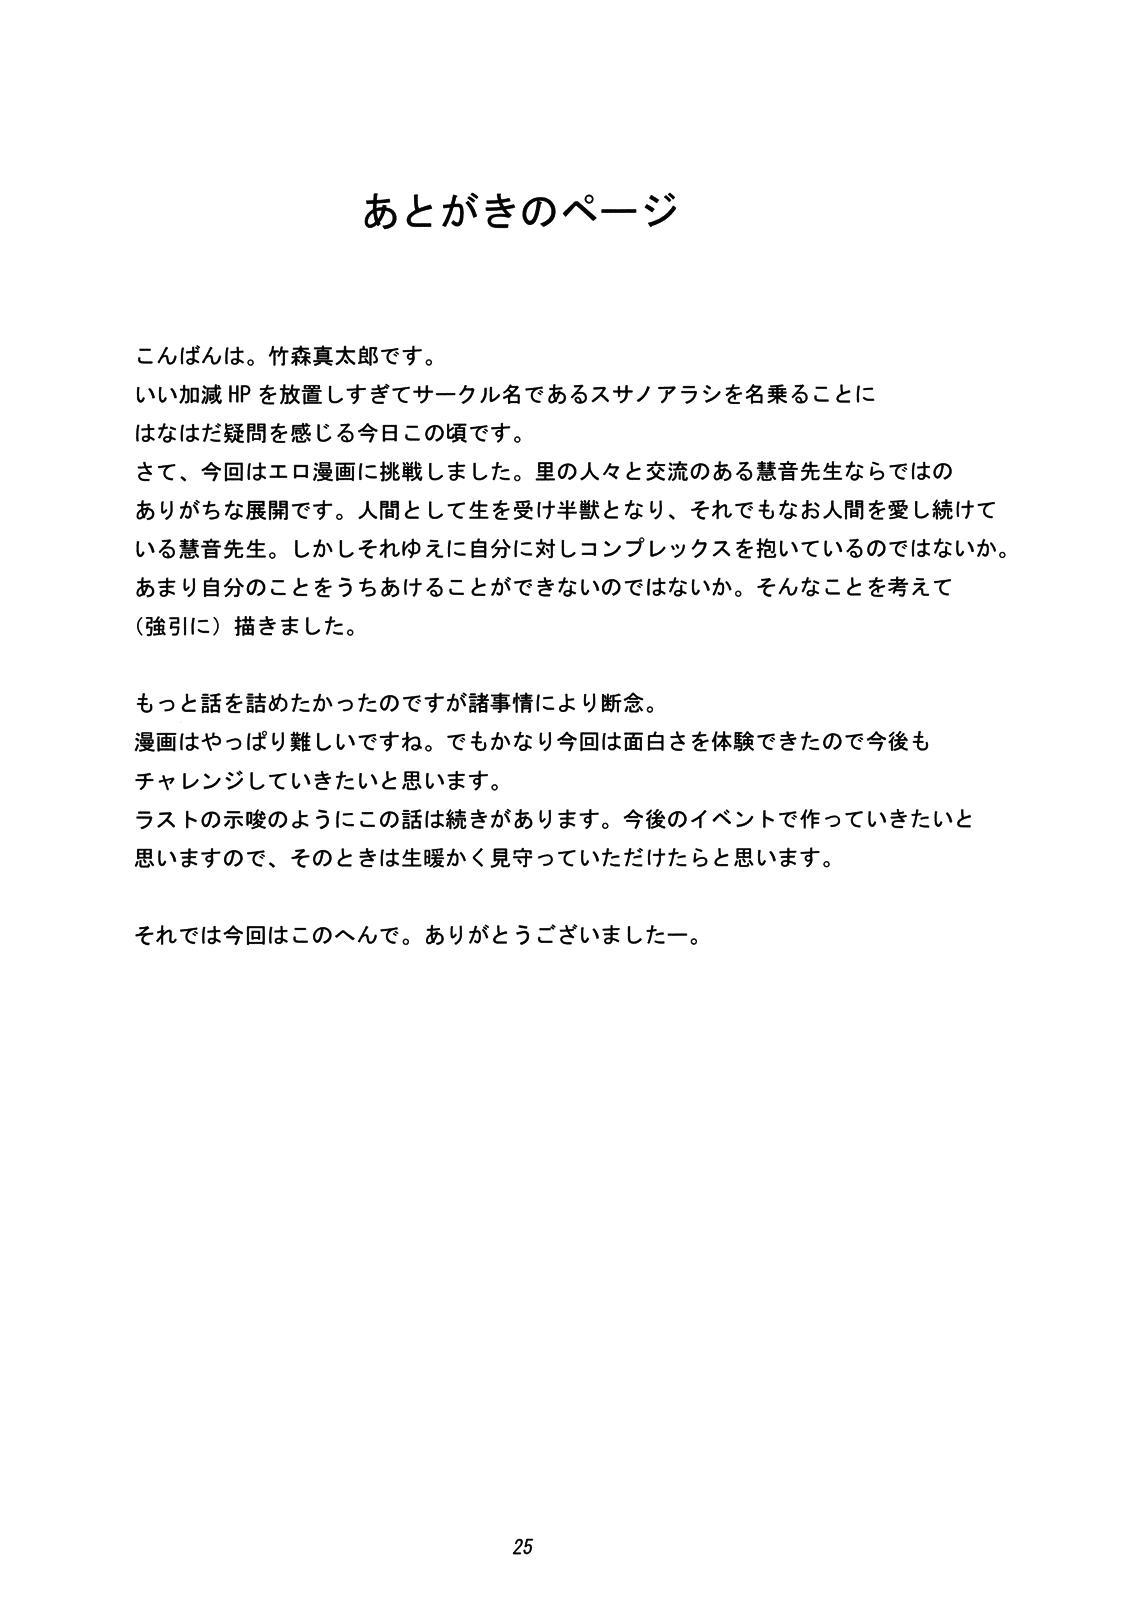 Kanojo no Himitsu 25